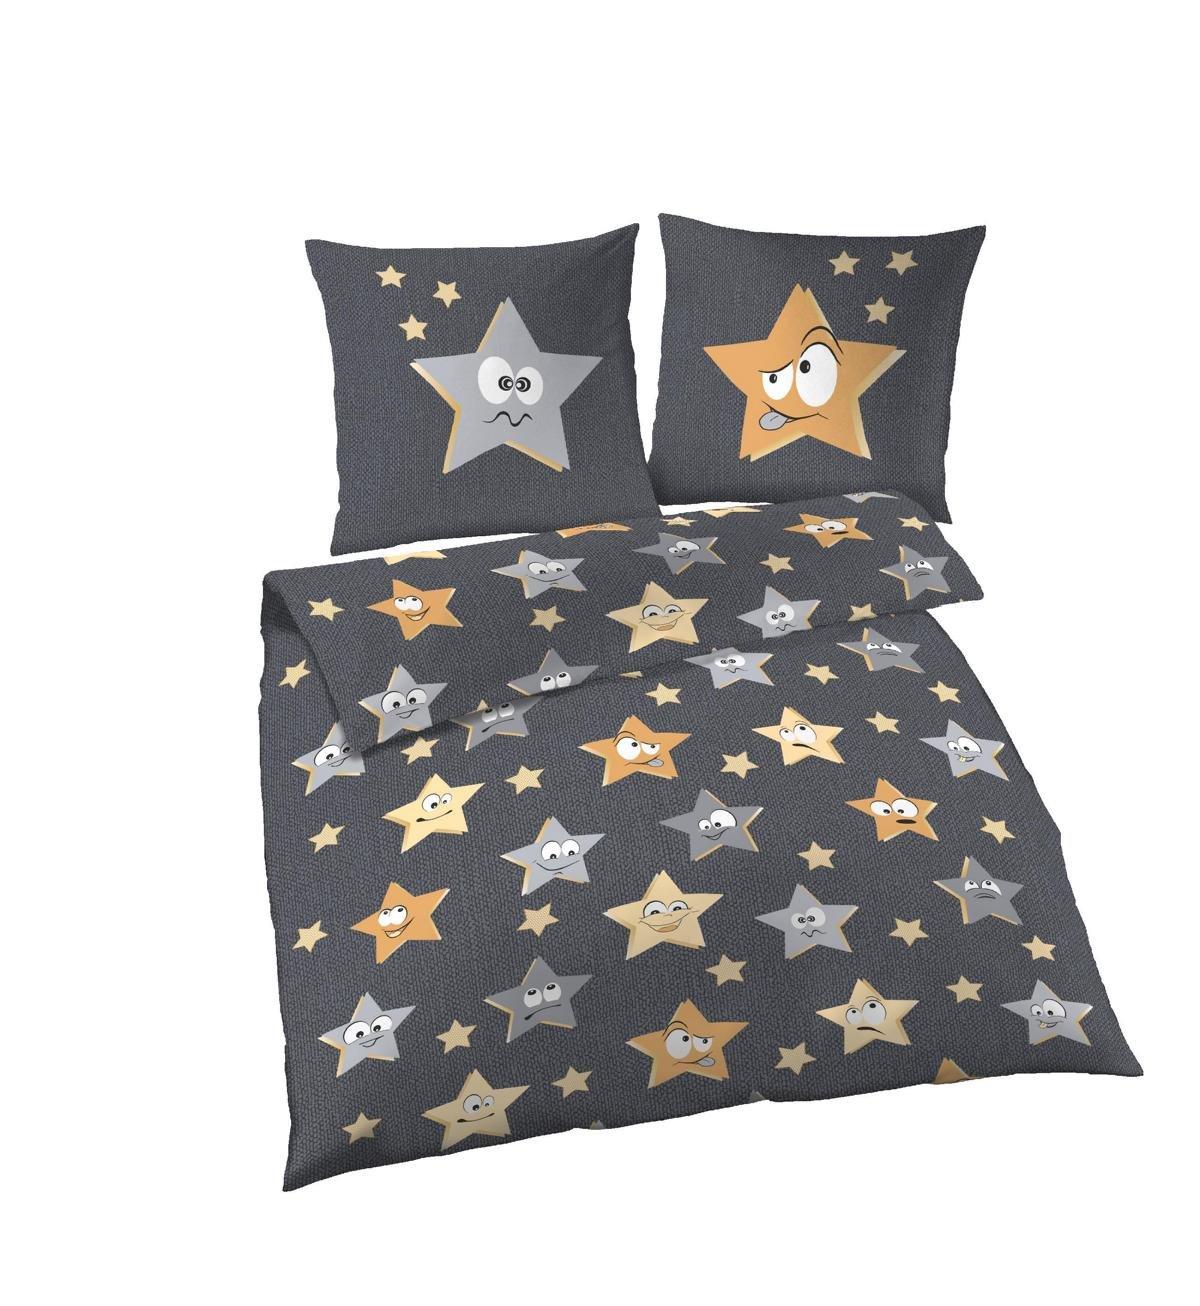 Biber Bettwsche Grau. Awesome Wunderbare Sternen Bettwasche Jack By ...